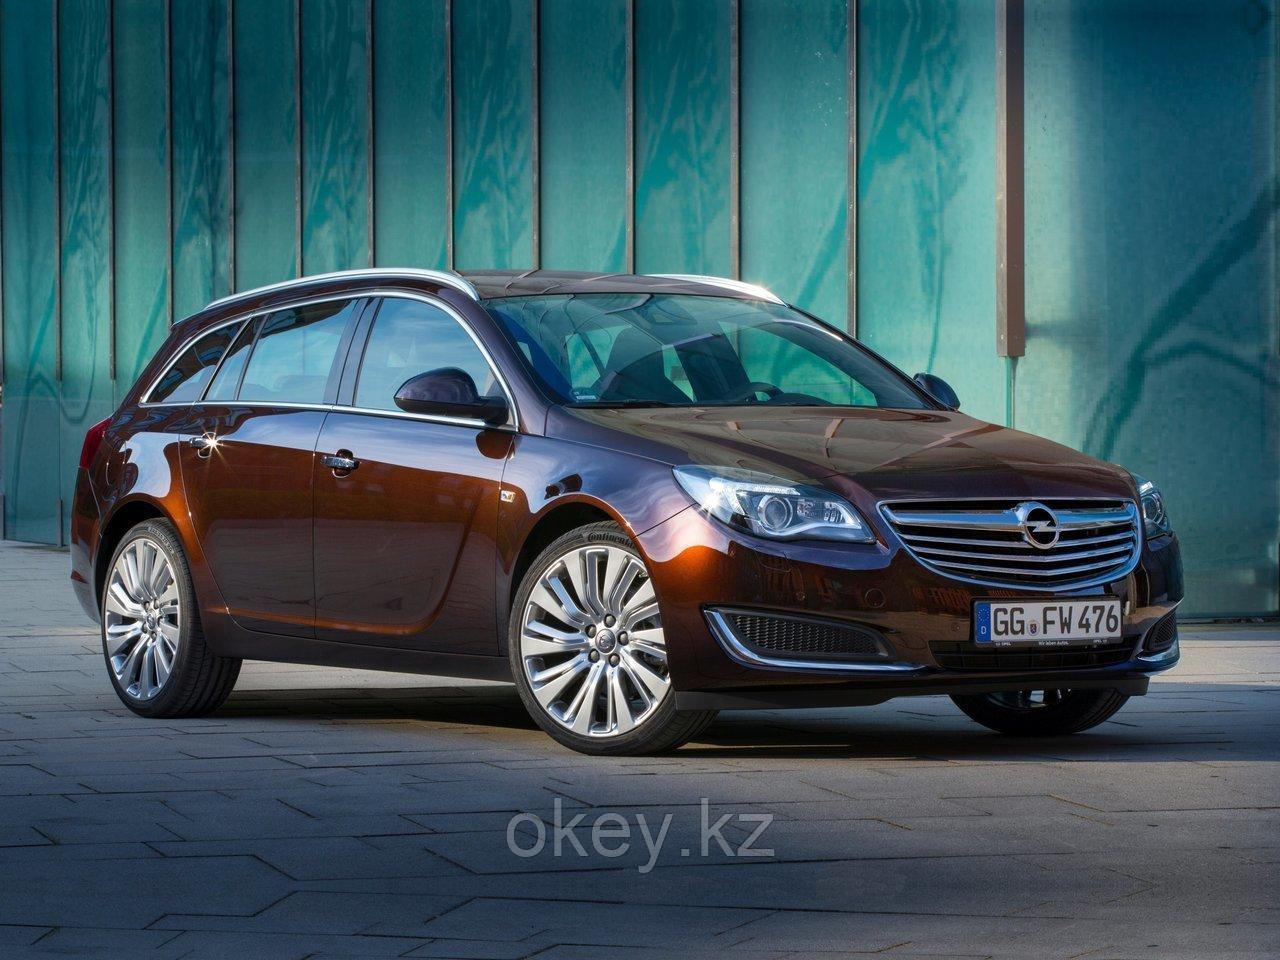 Тормозные колодки Kötl 1782KT для Opel Insignia I универсал 2.0 CDTi, 2014-2015 года выпуска.